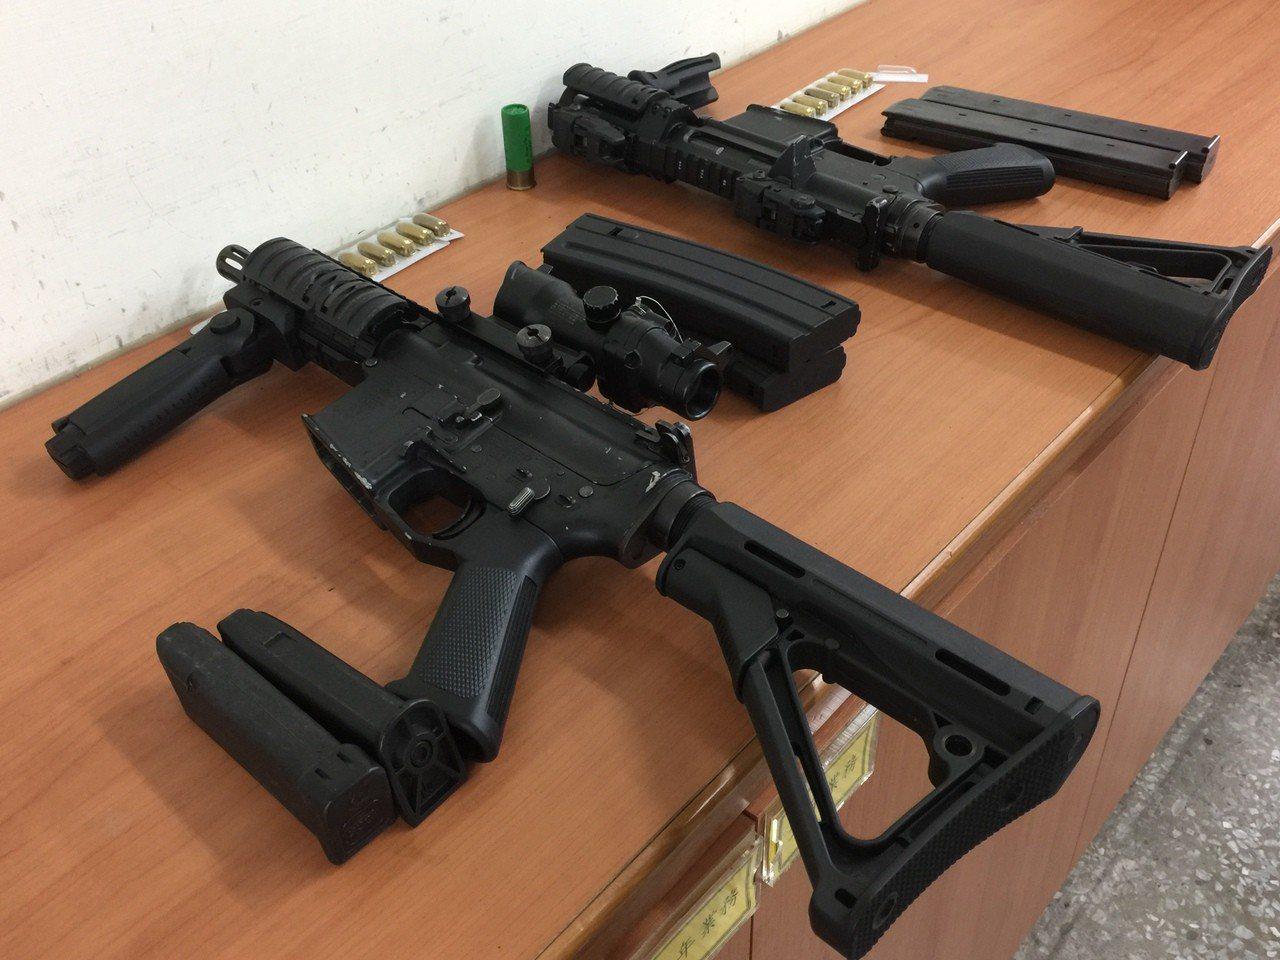 高雄蔡姓男子今年2月間偷完車牌後搶奪3把衝鋒槍模型槍,台南地院判判刑2年4月,易...